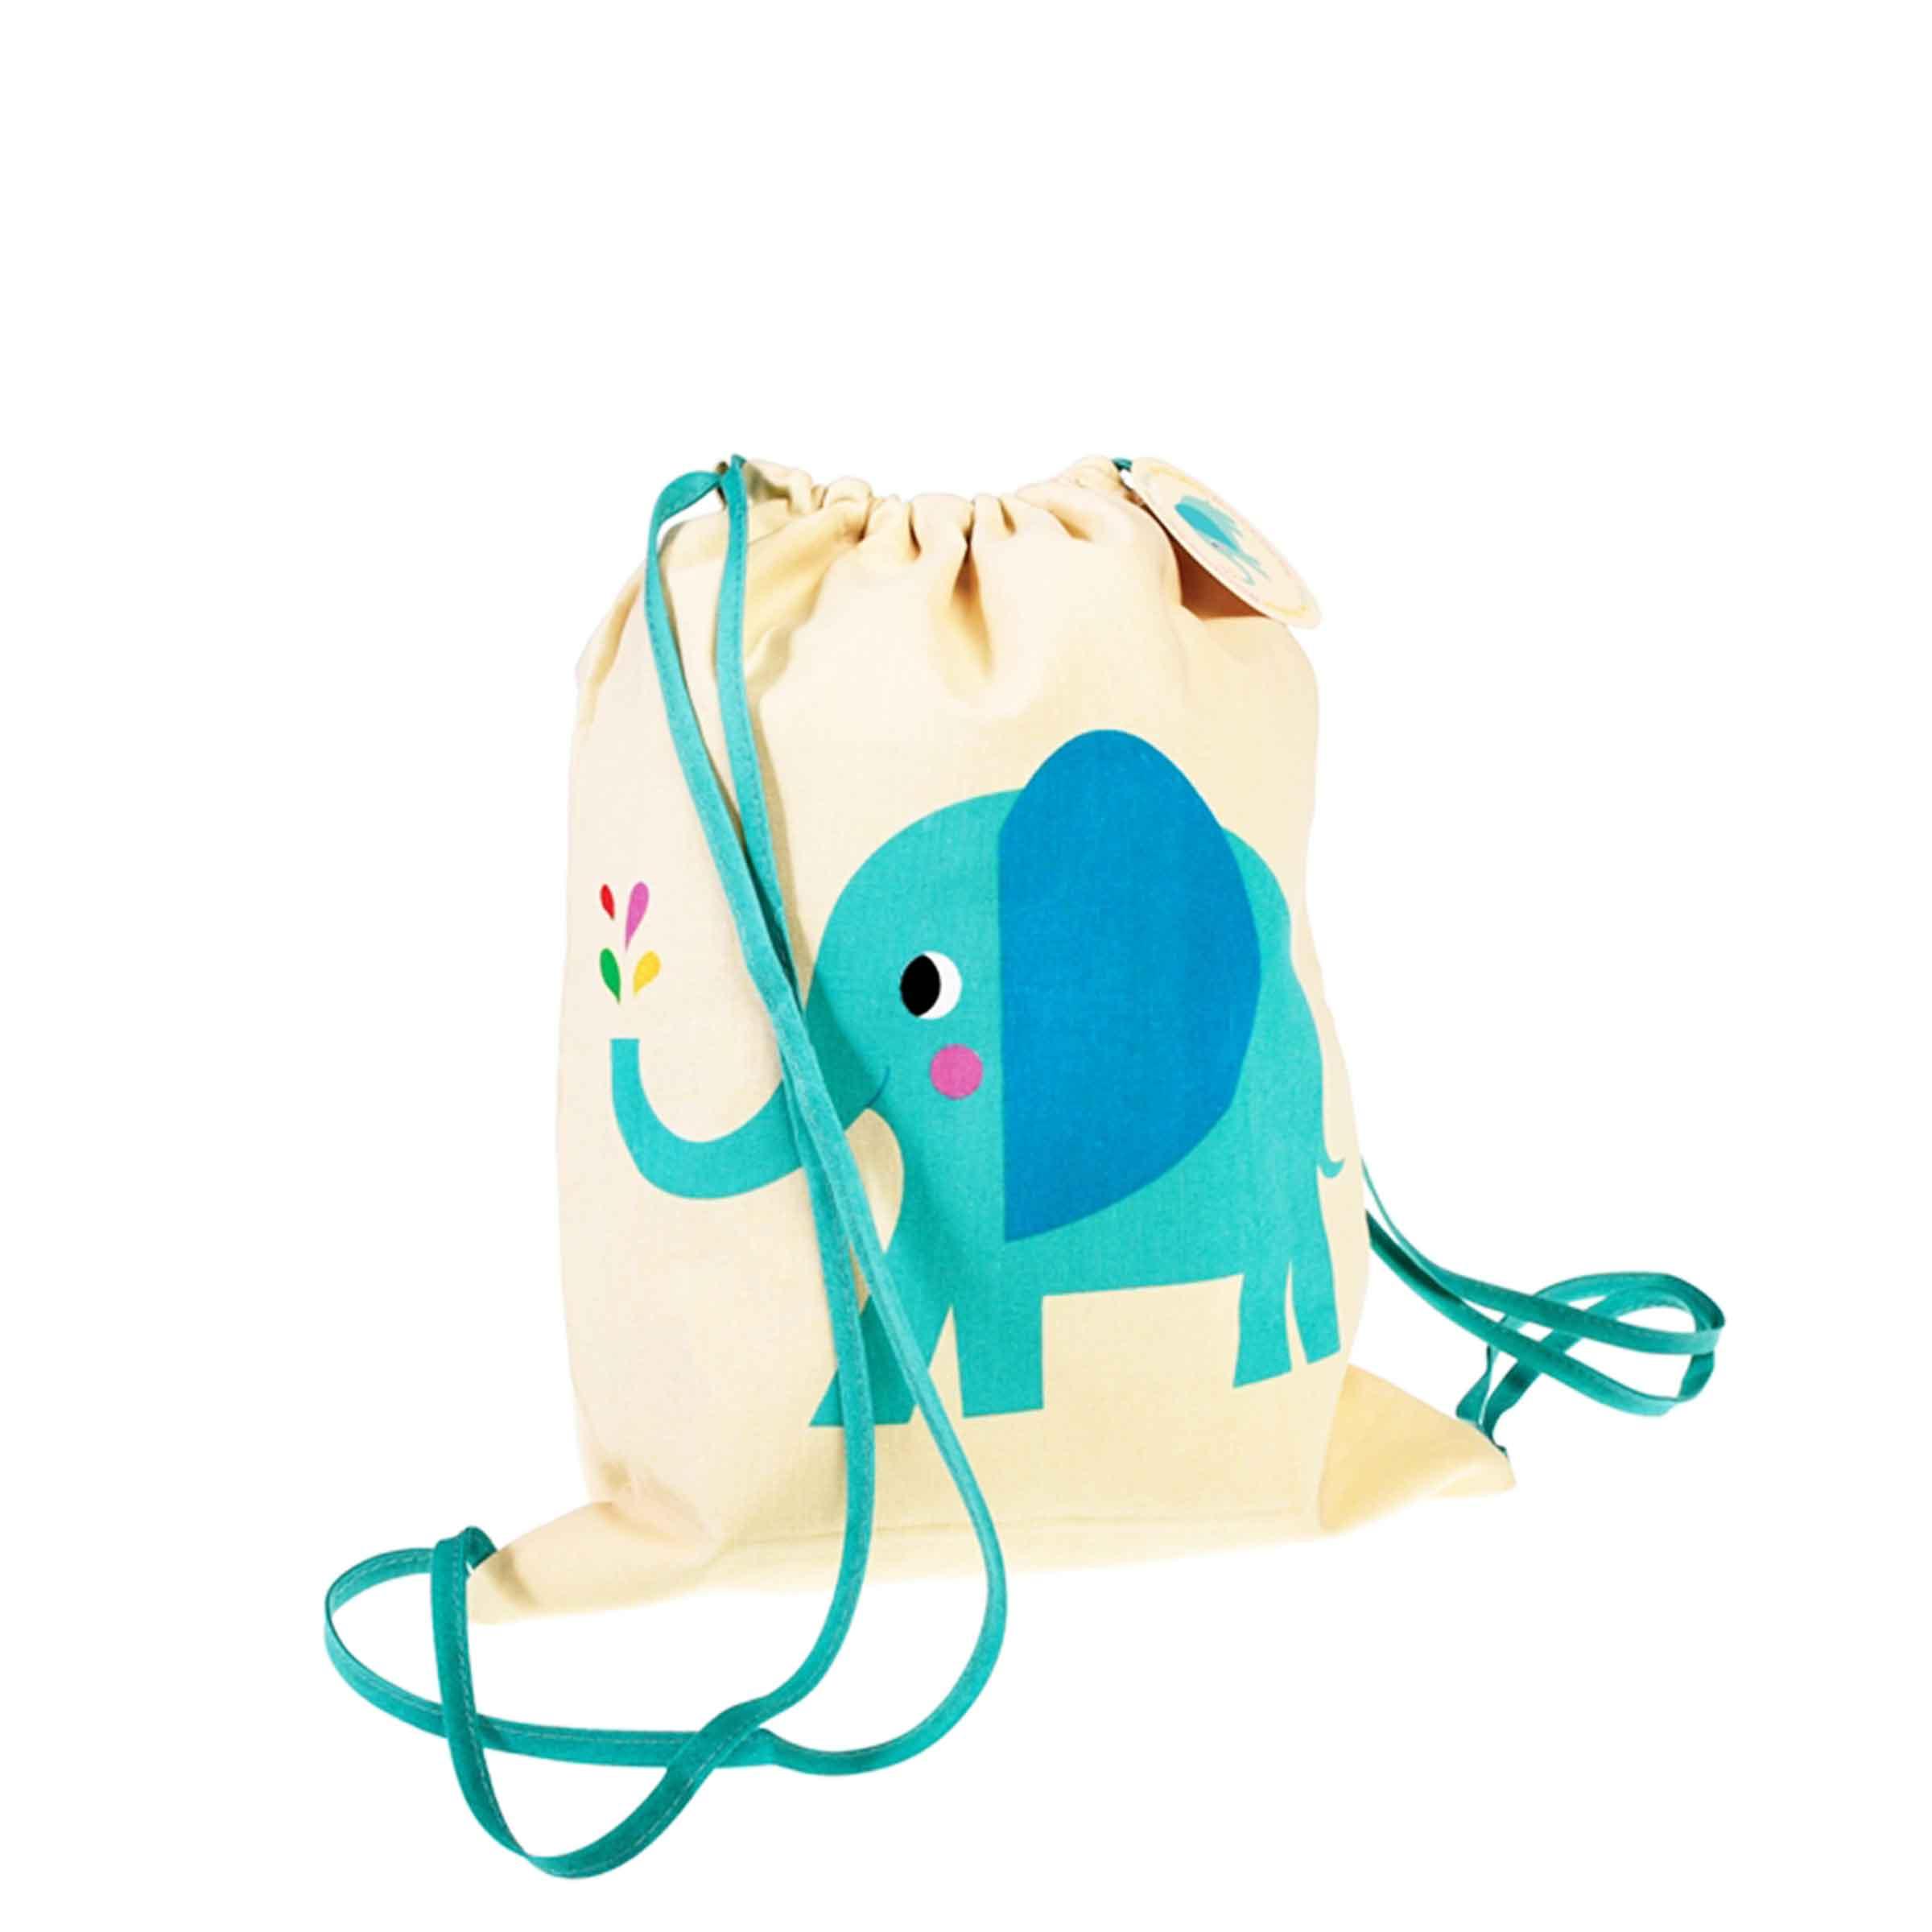 Sac à dos pour enfant en tissu avec motif éléphant bleu